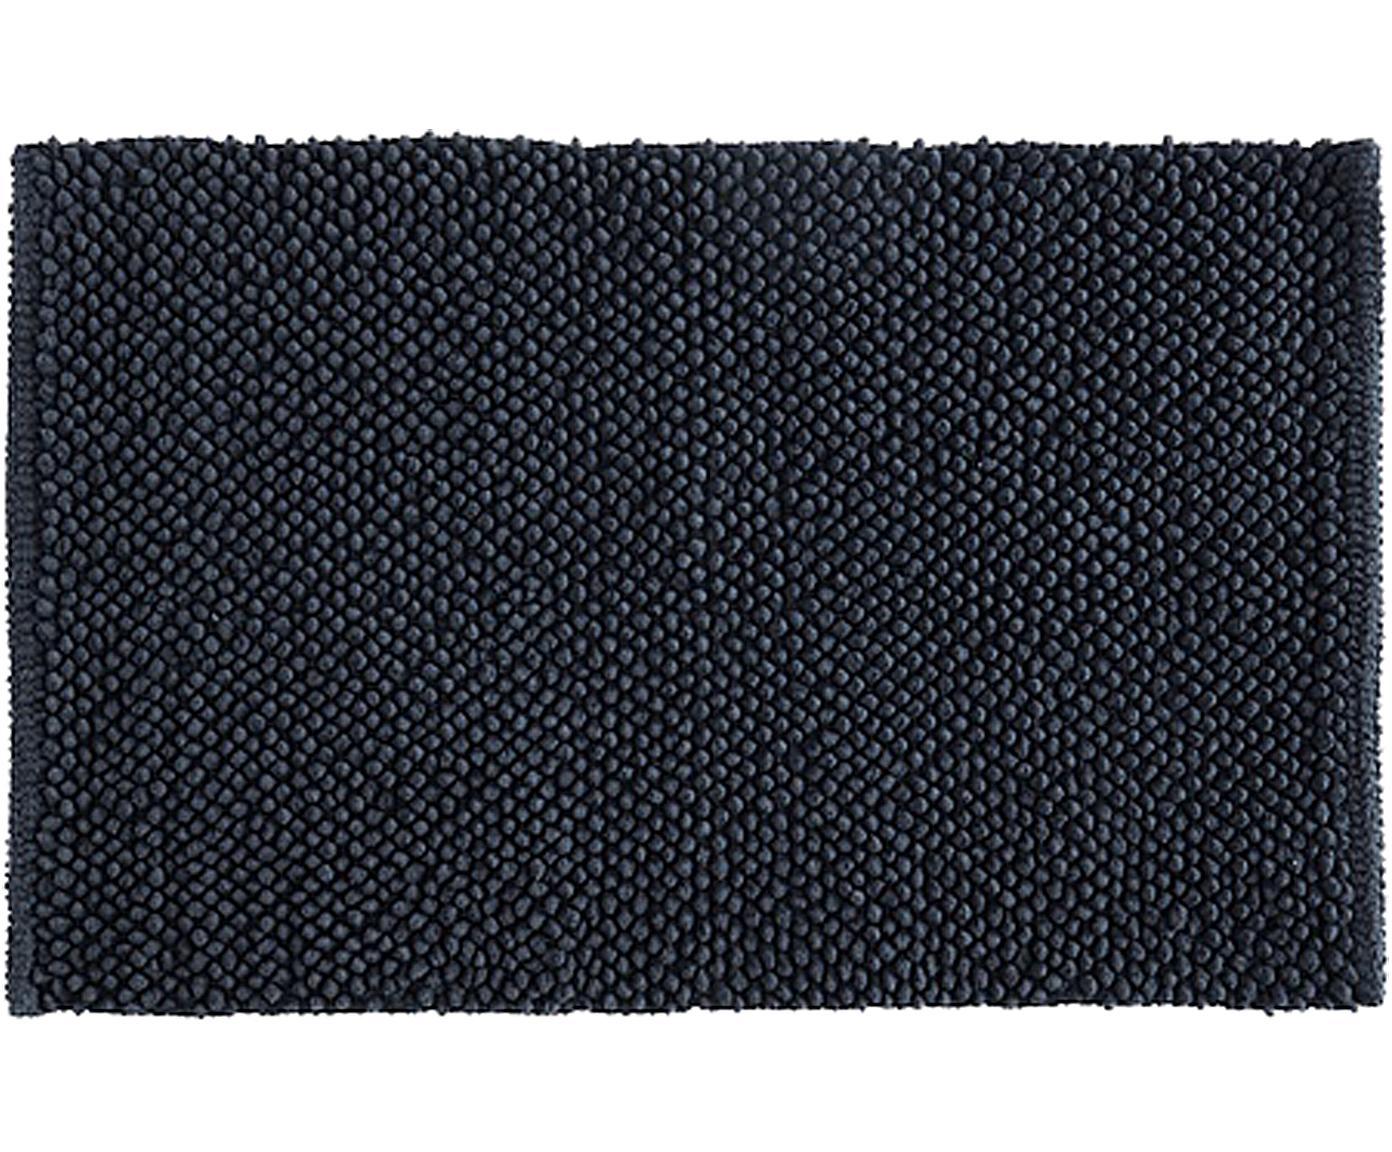 Tappeto bagno nero Anja, Cotone, Nero, Larg. 50 x Lung. 80 cm